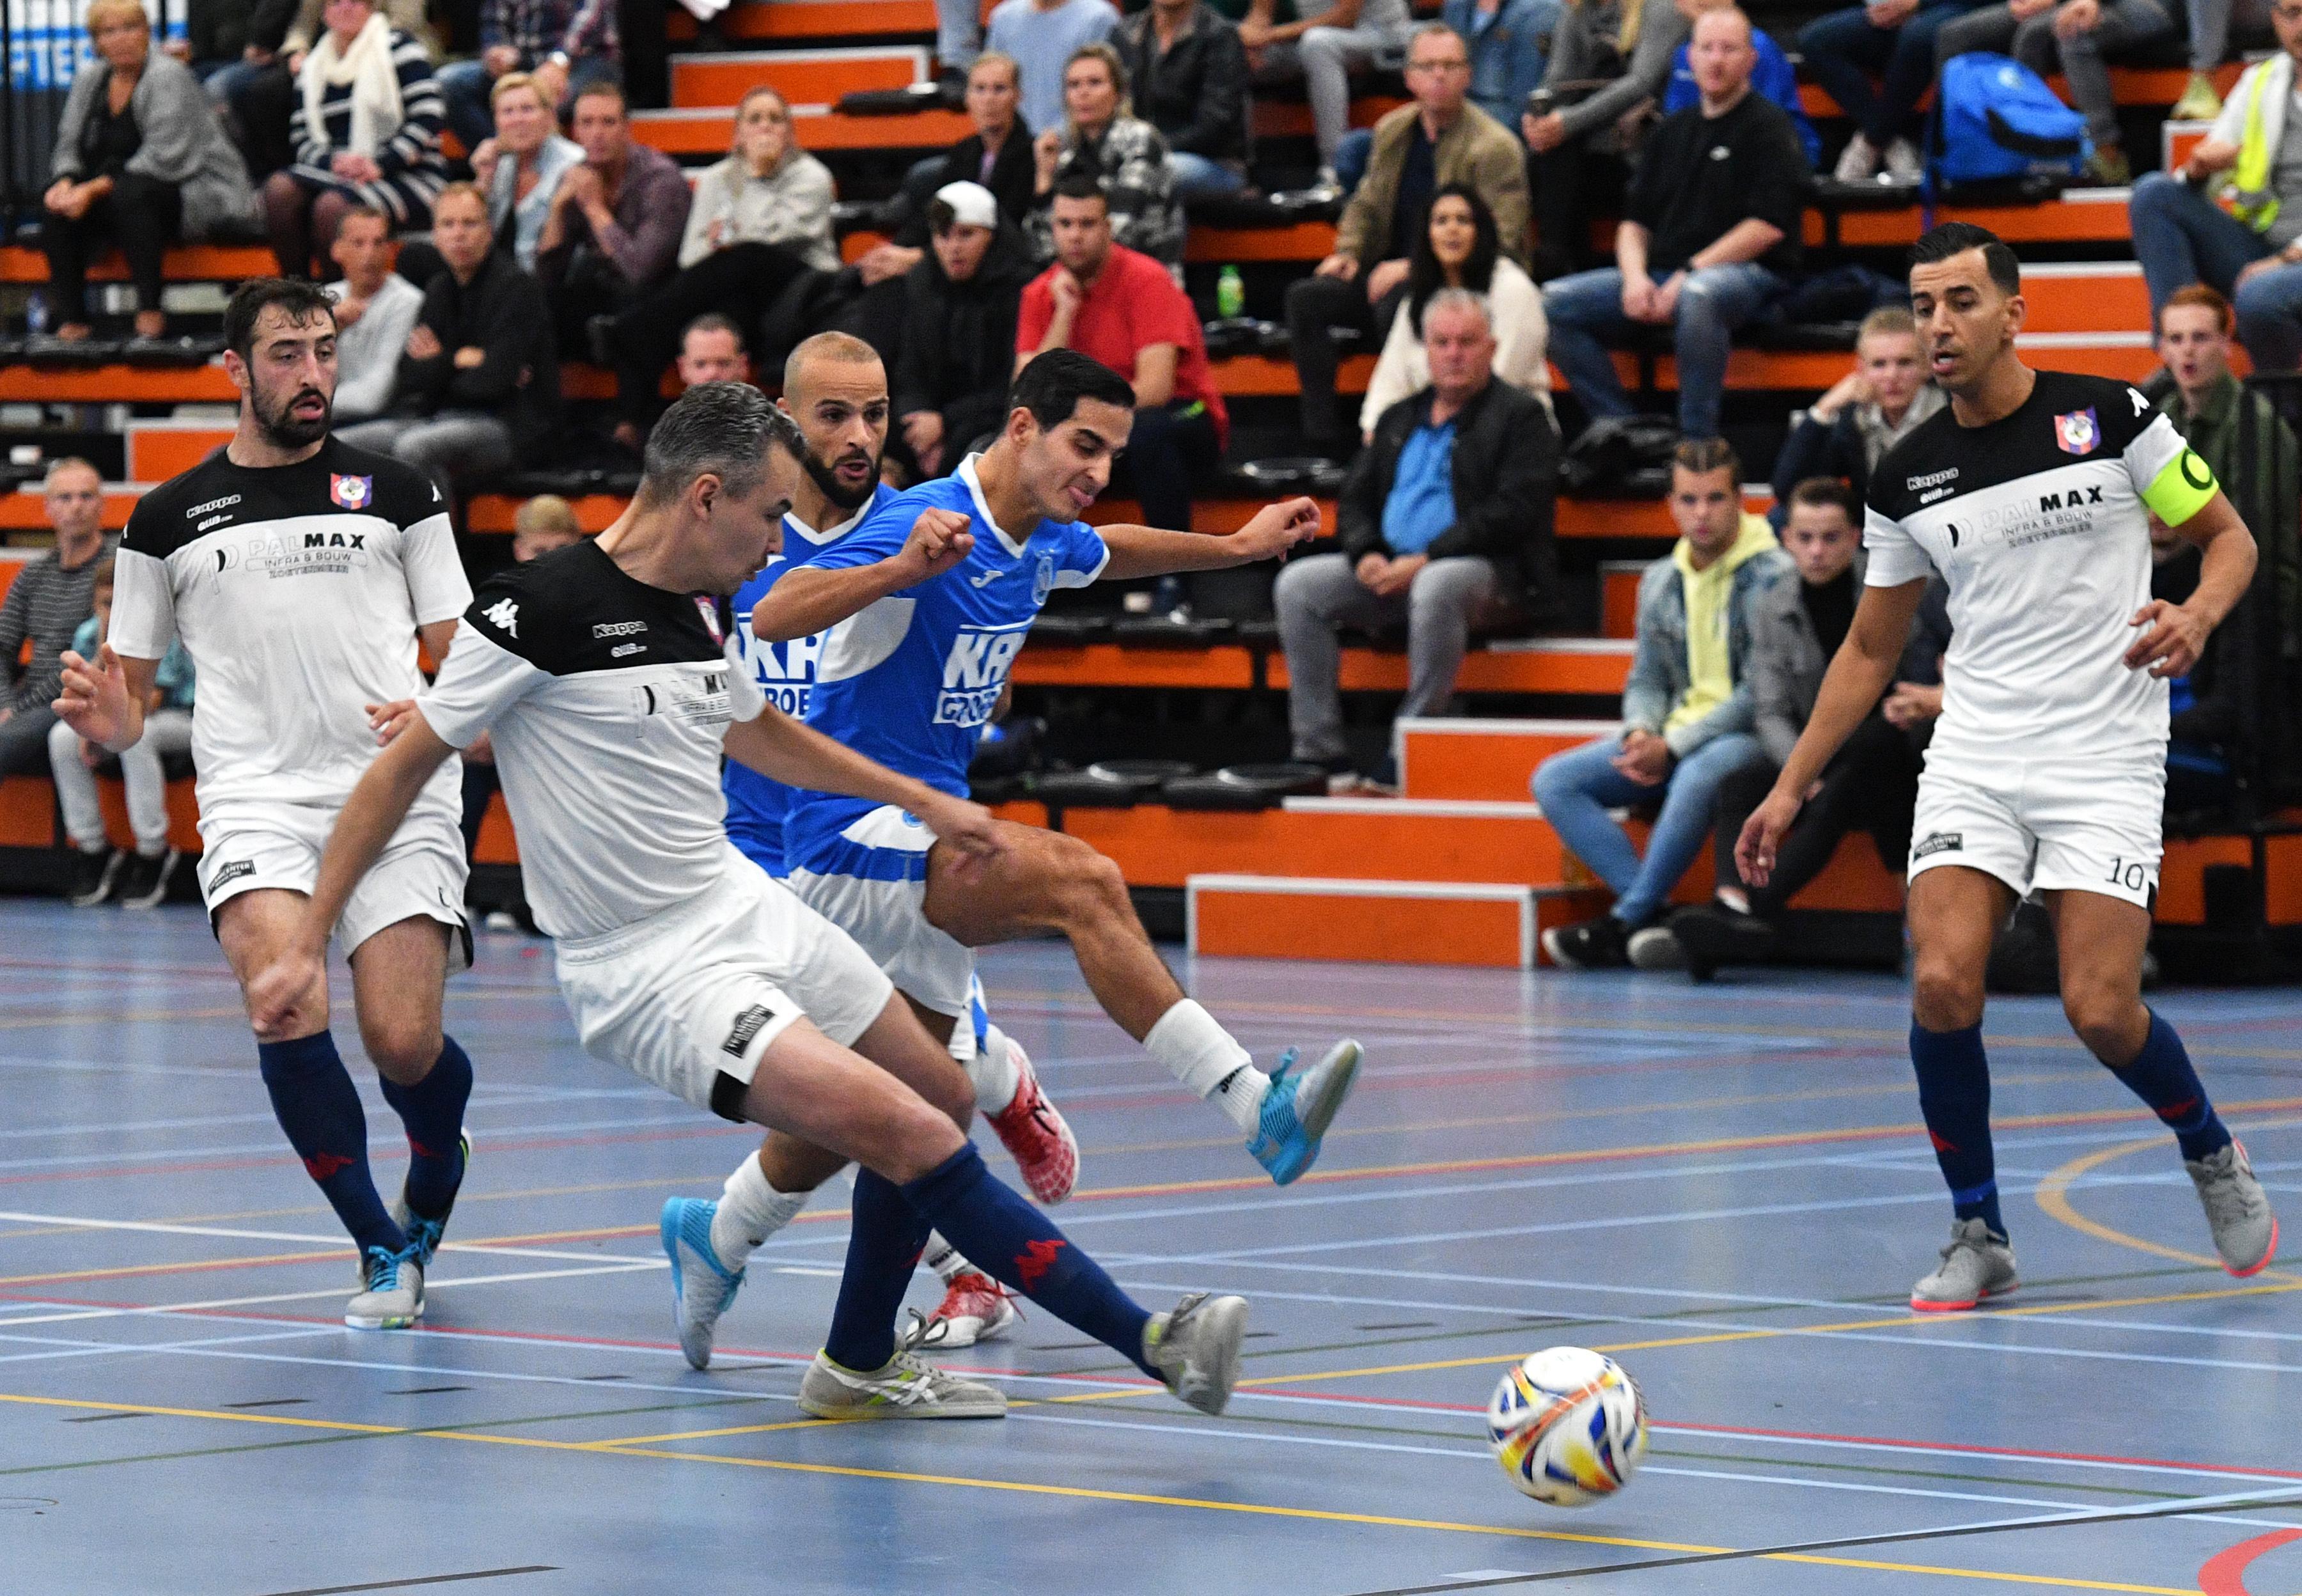 Zaalvoetballers FC Marlène lopen tegen eerste nederlaag aan omdat FCK/De Hommel veel effectiever is